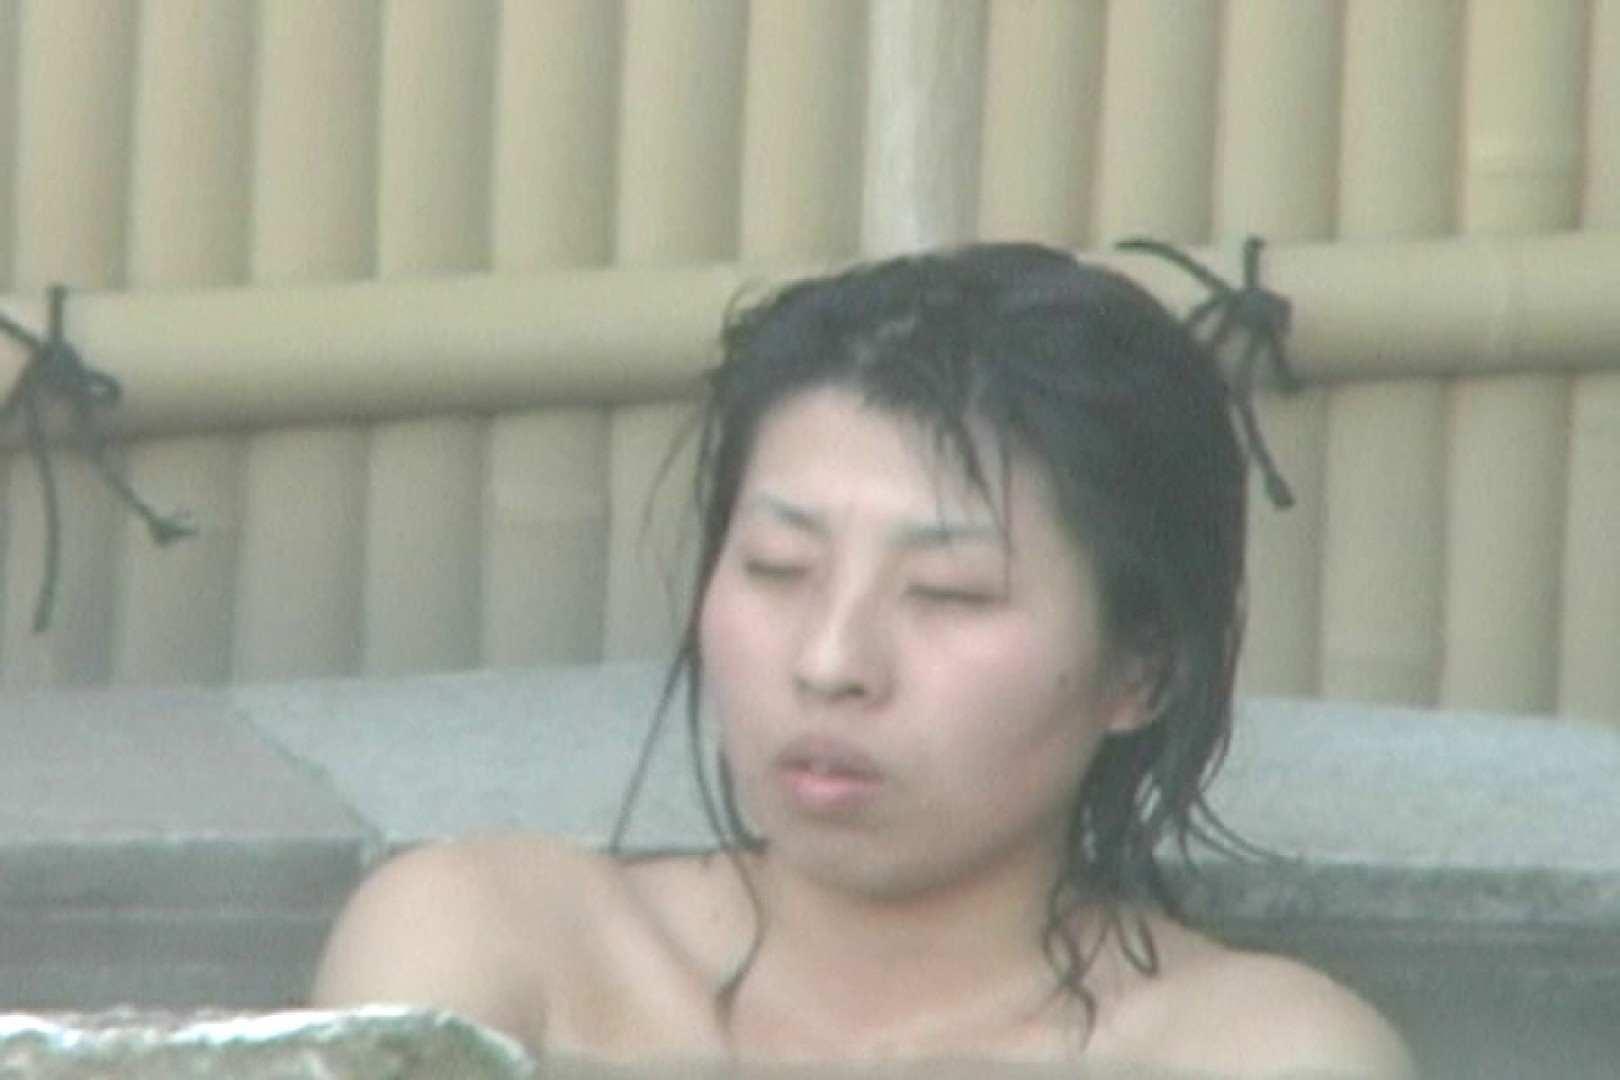 Aquaな露天風呂Vol.589 盗撮シリーズ  113PIX 40